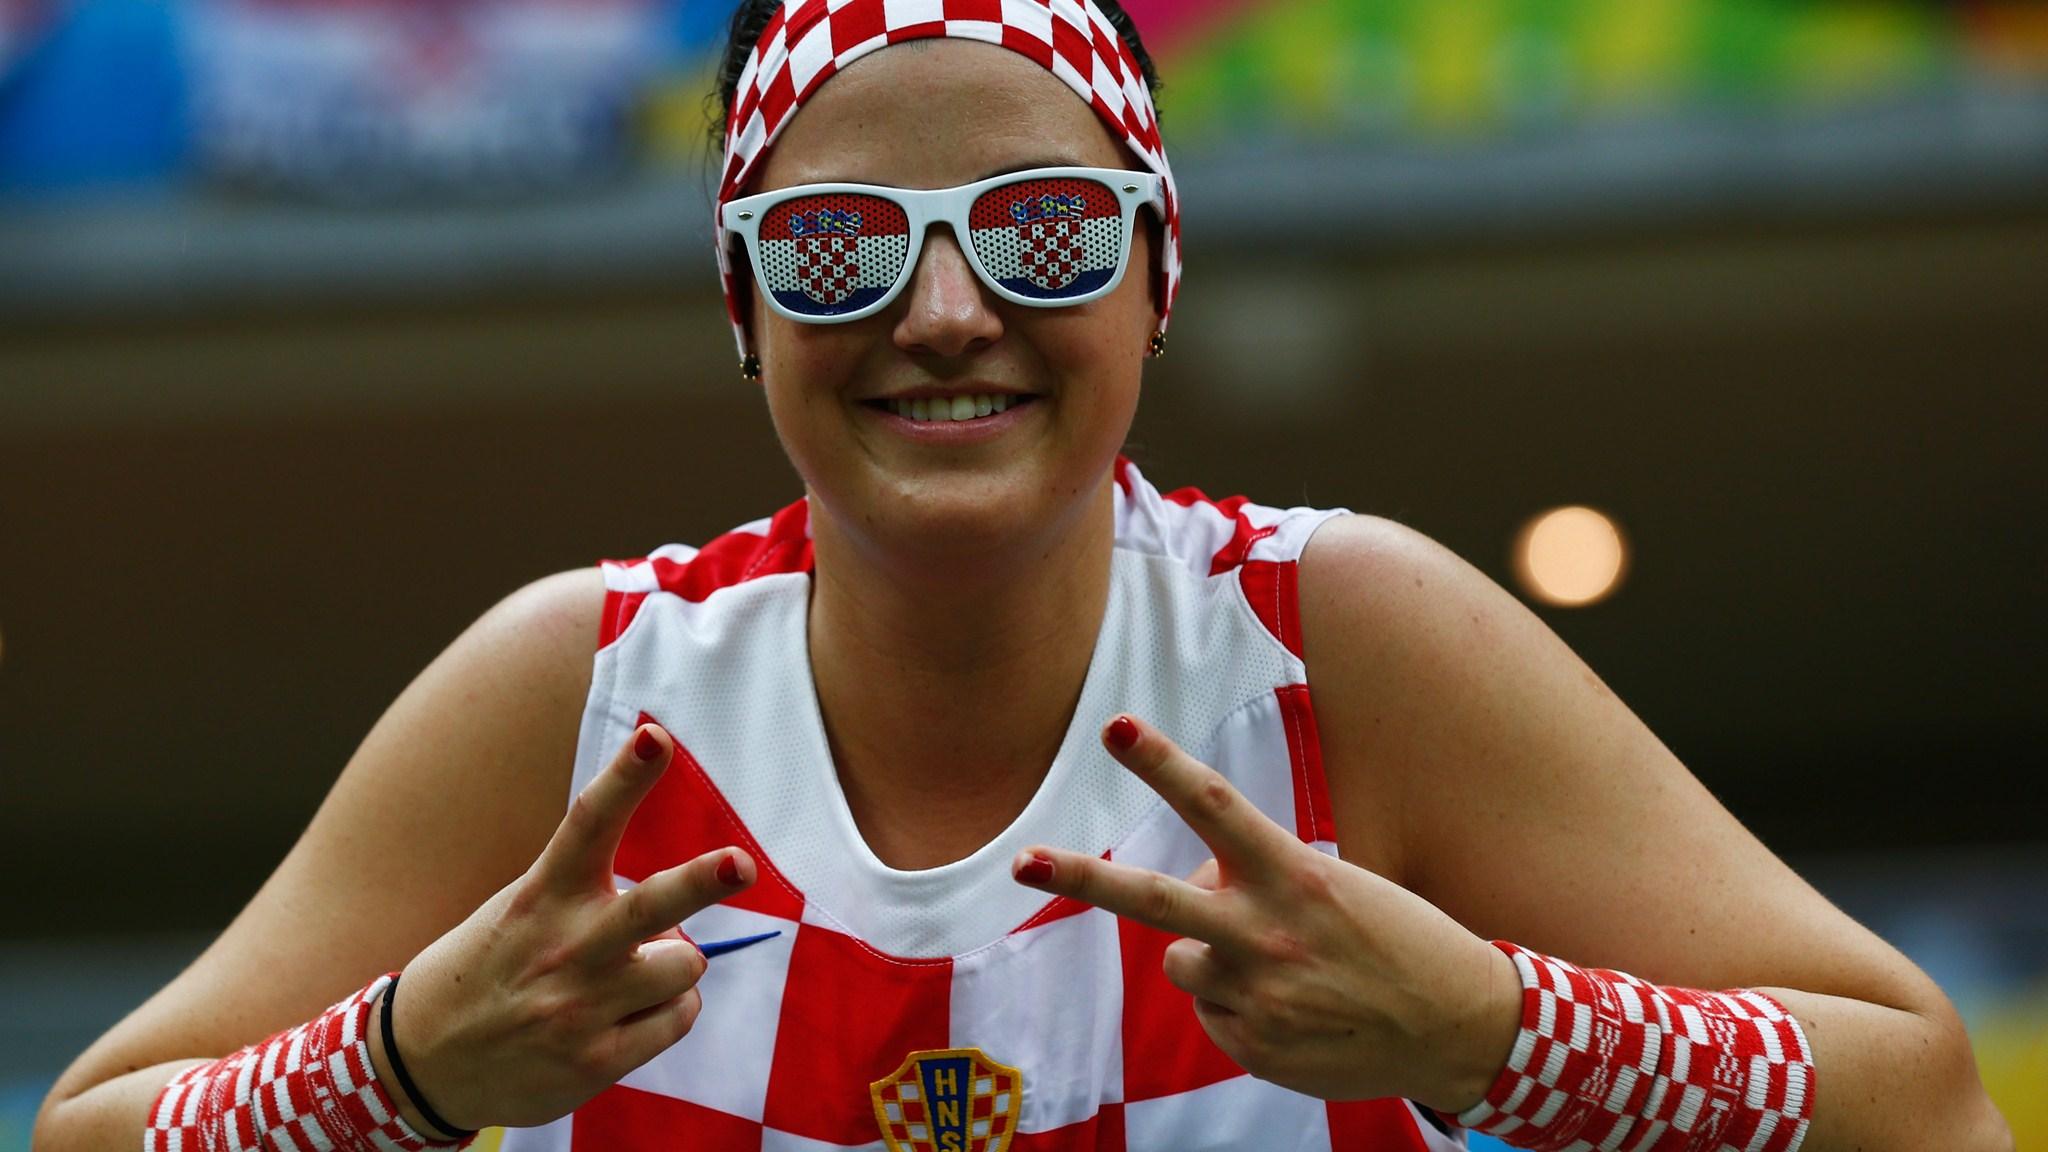 102 - Cameroon-Croatia [0-4] -- 18 Jun 2014 - 18-00 -- manaus_arena_amazonia - kuaza